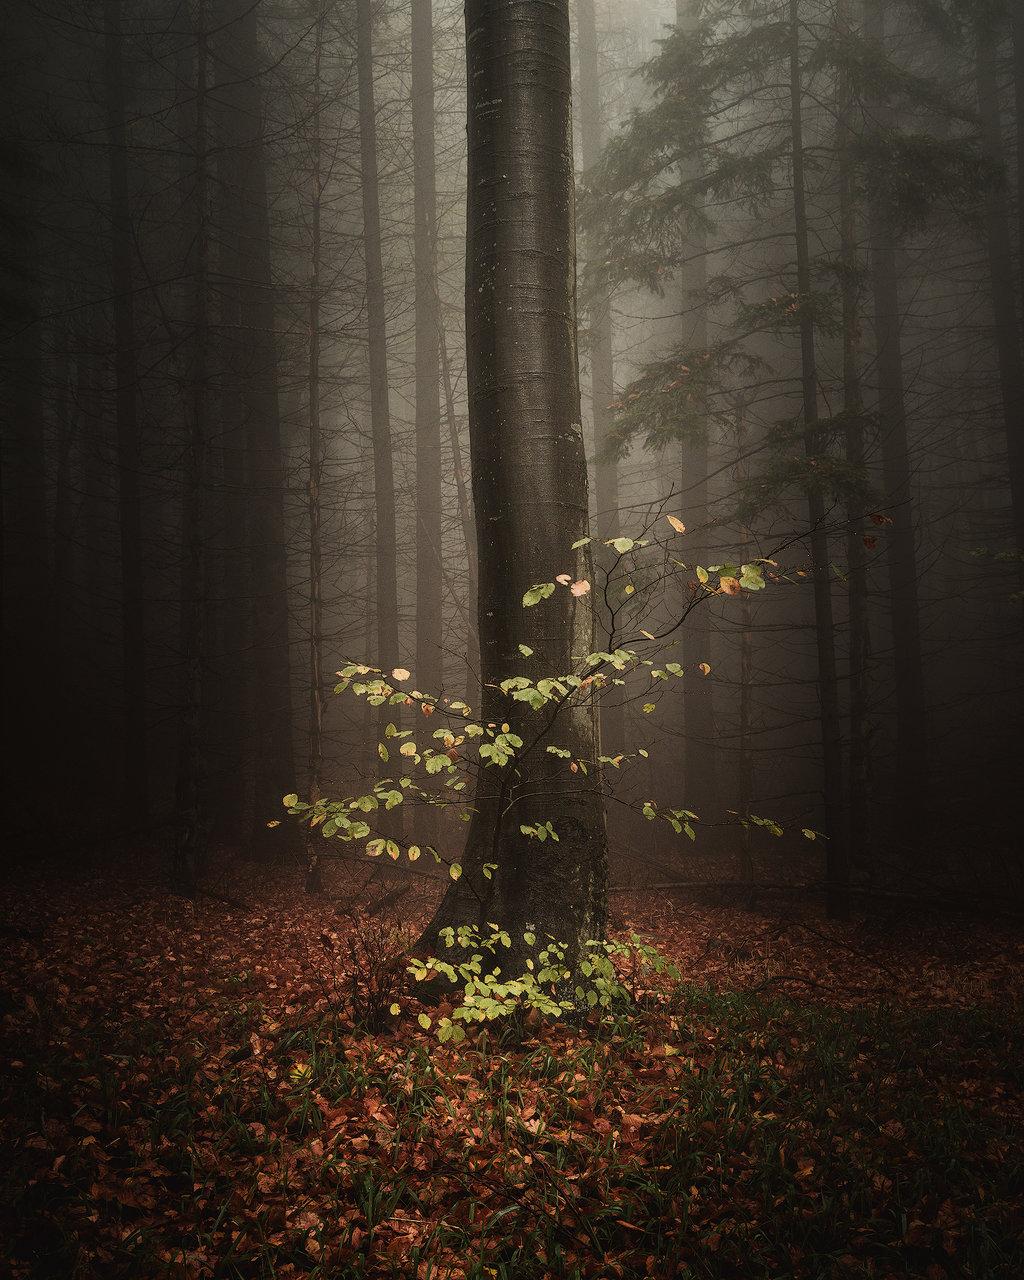 Photo in Nature | Author Remo Daut - wallburn | PHOTO FORUM